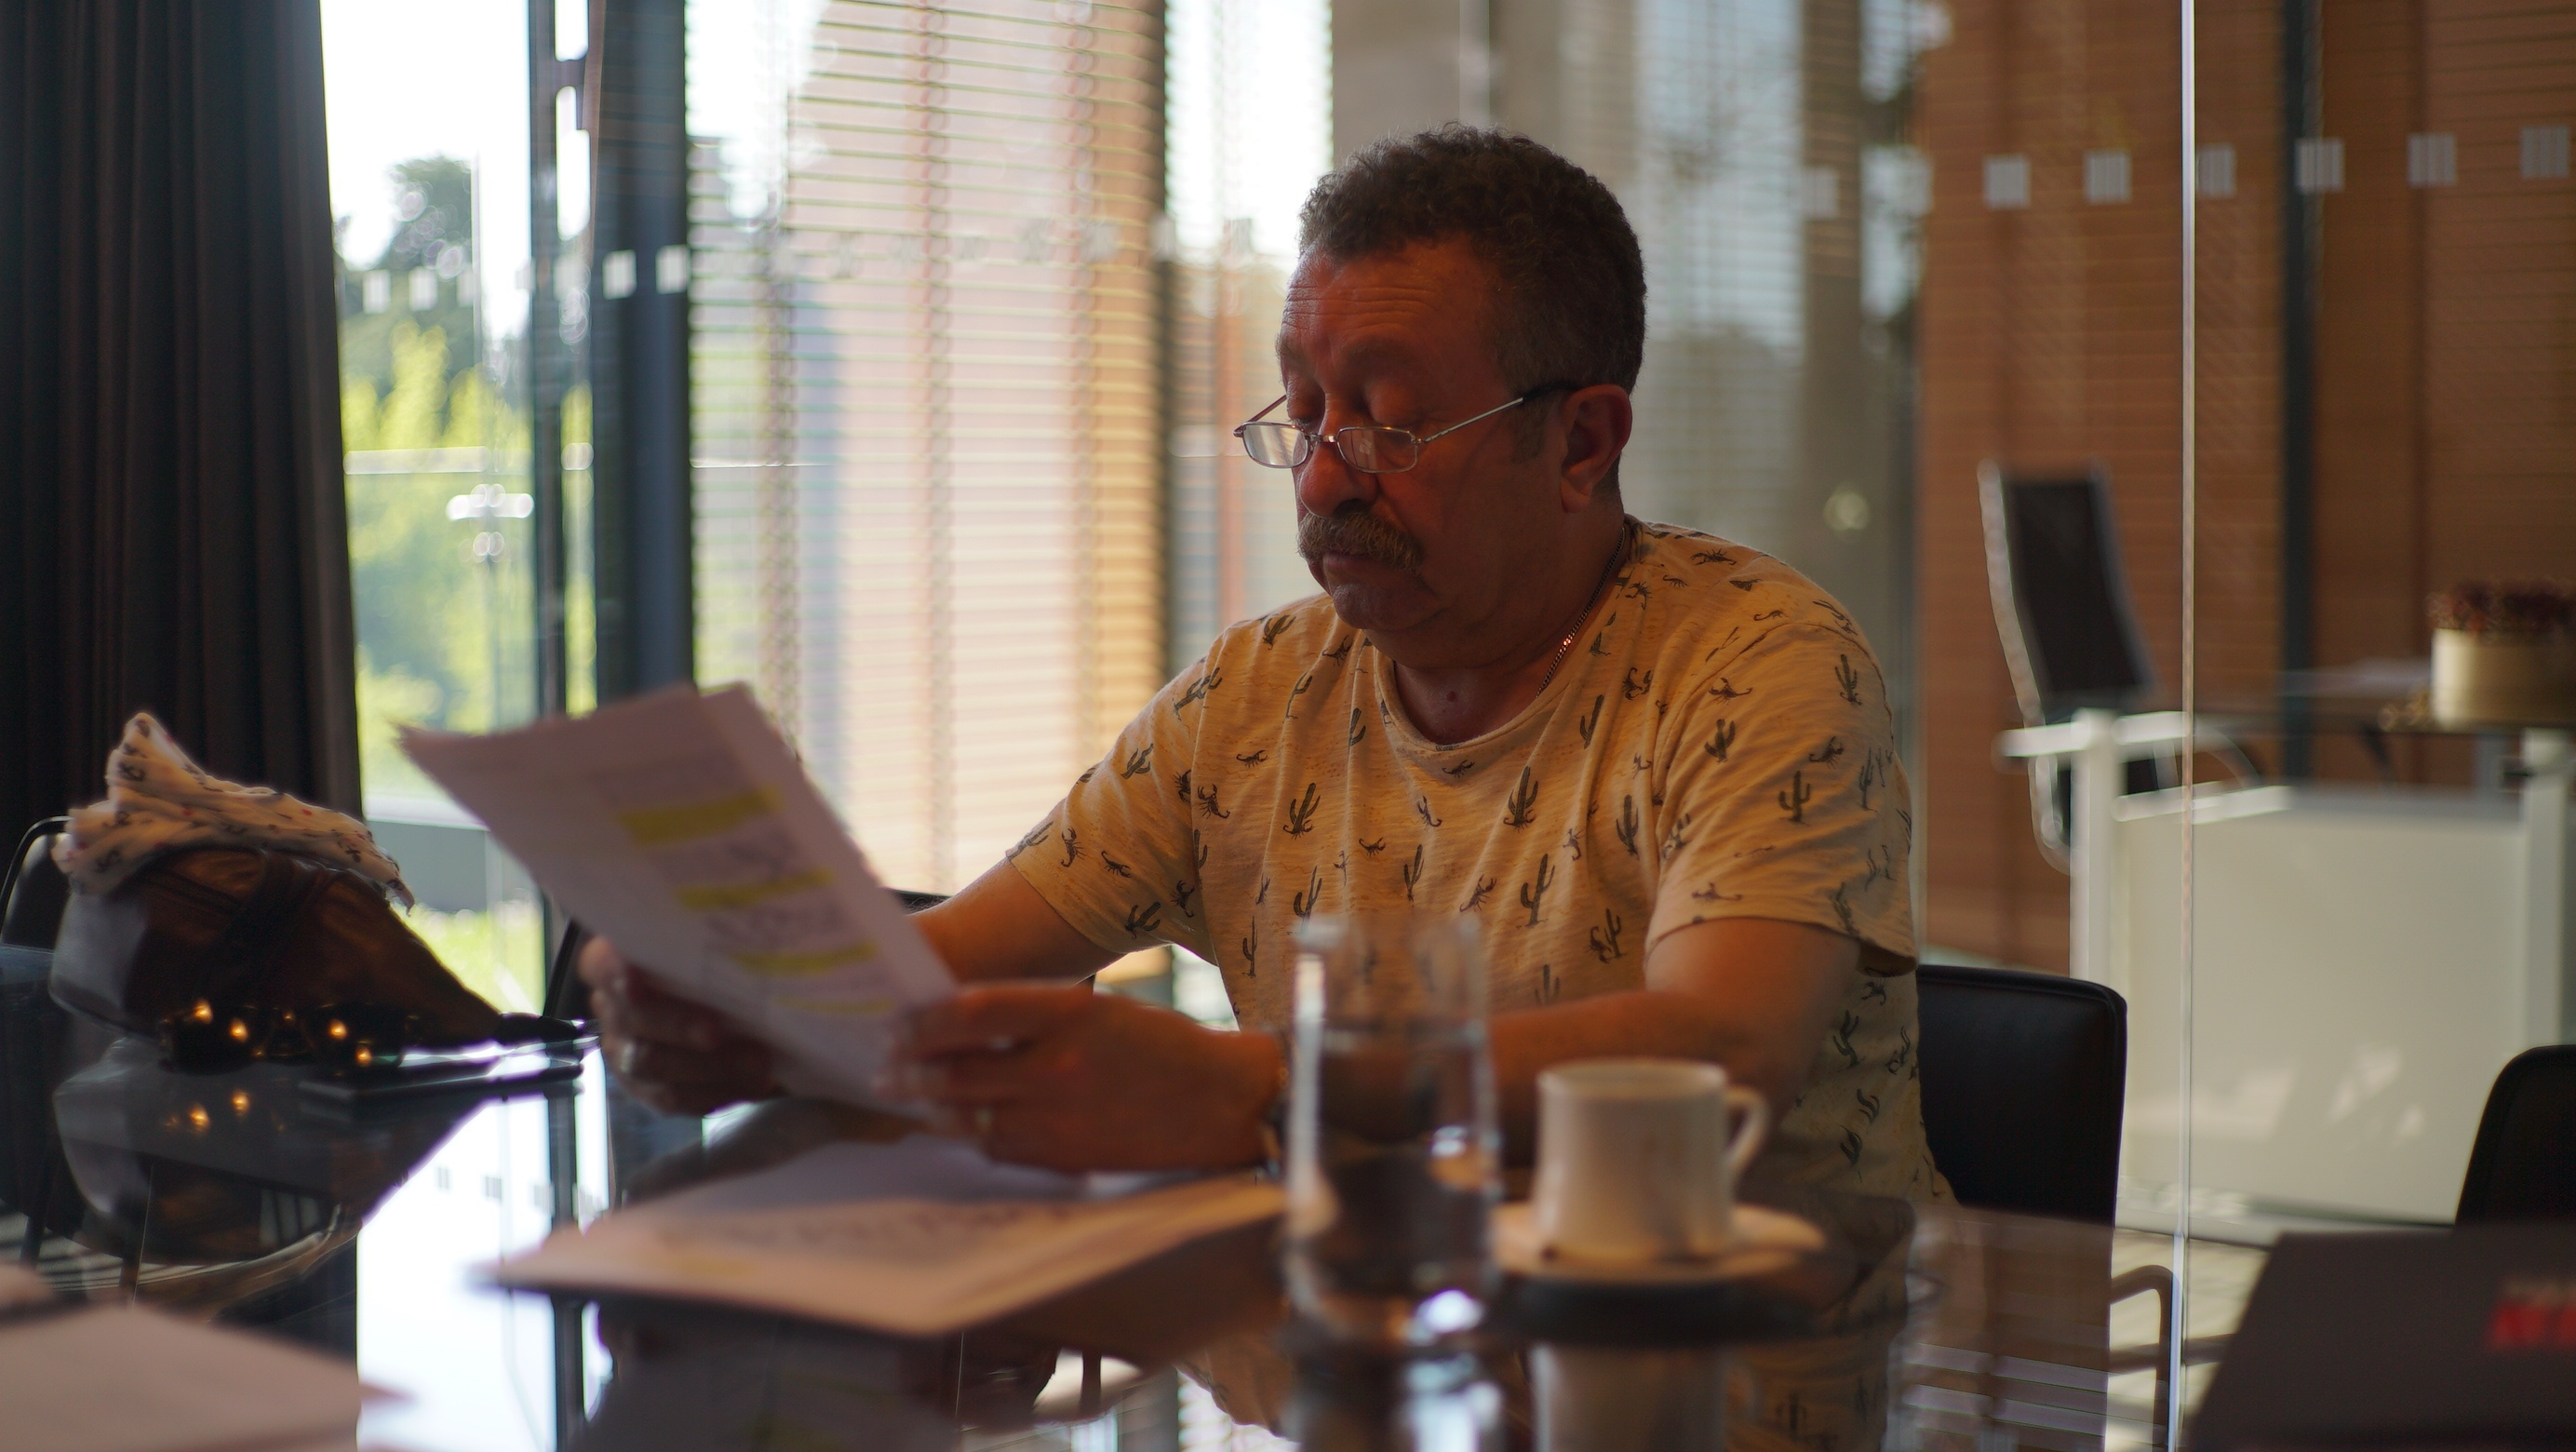 Saygı: Bir Ercüment Çözer Dizisi'nin Kadrosuna Erkan Can Katıldı!